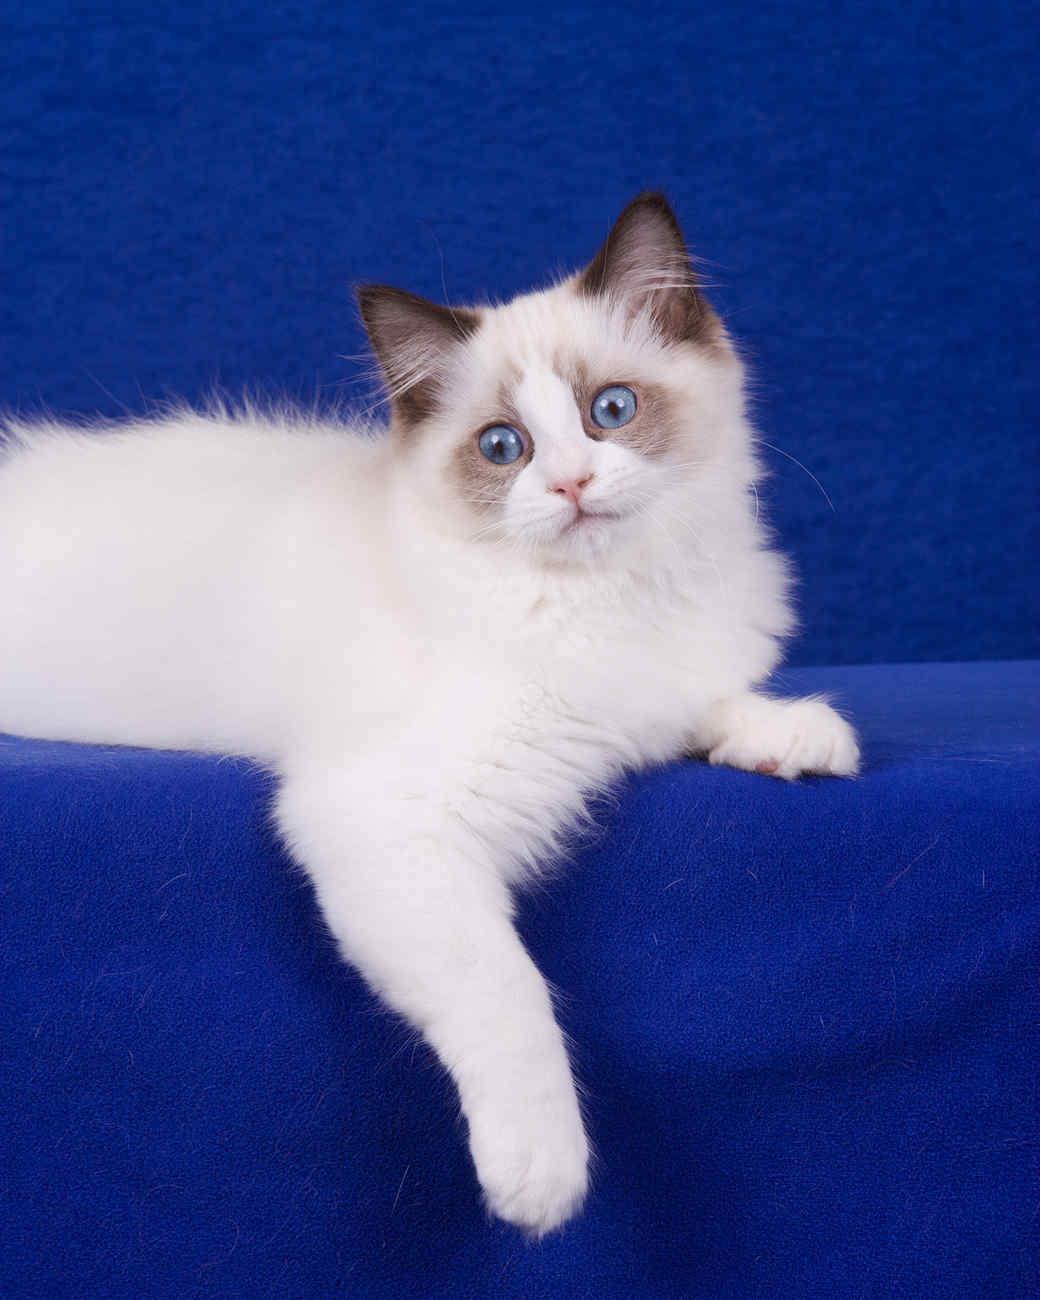 cat-breeds-ragdoll-kf15-315.jpg